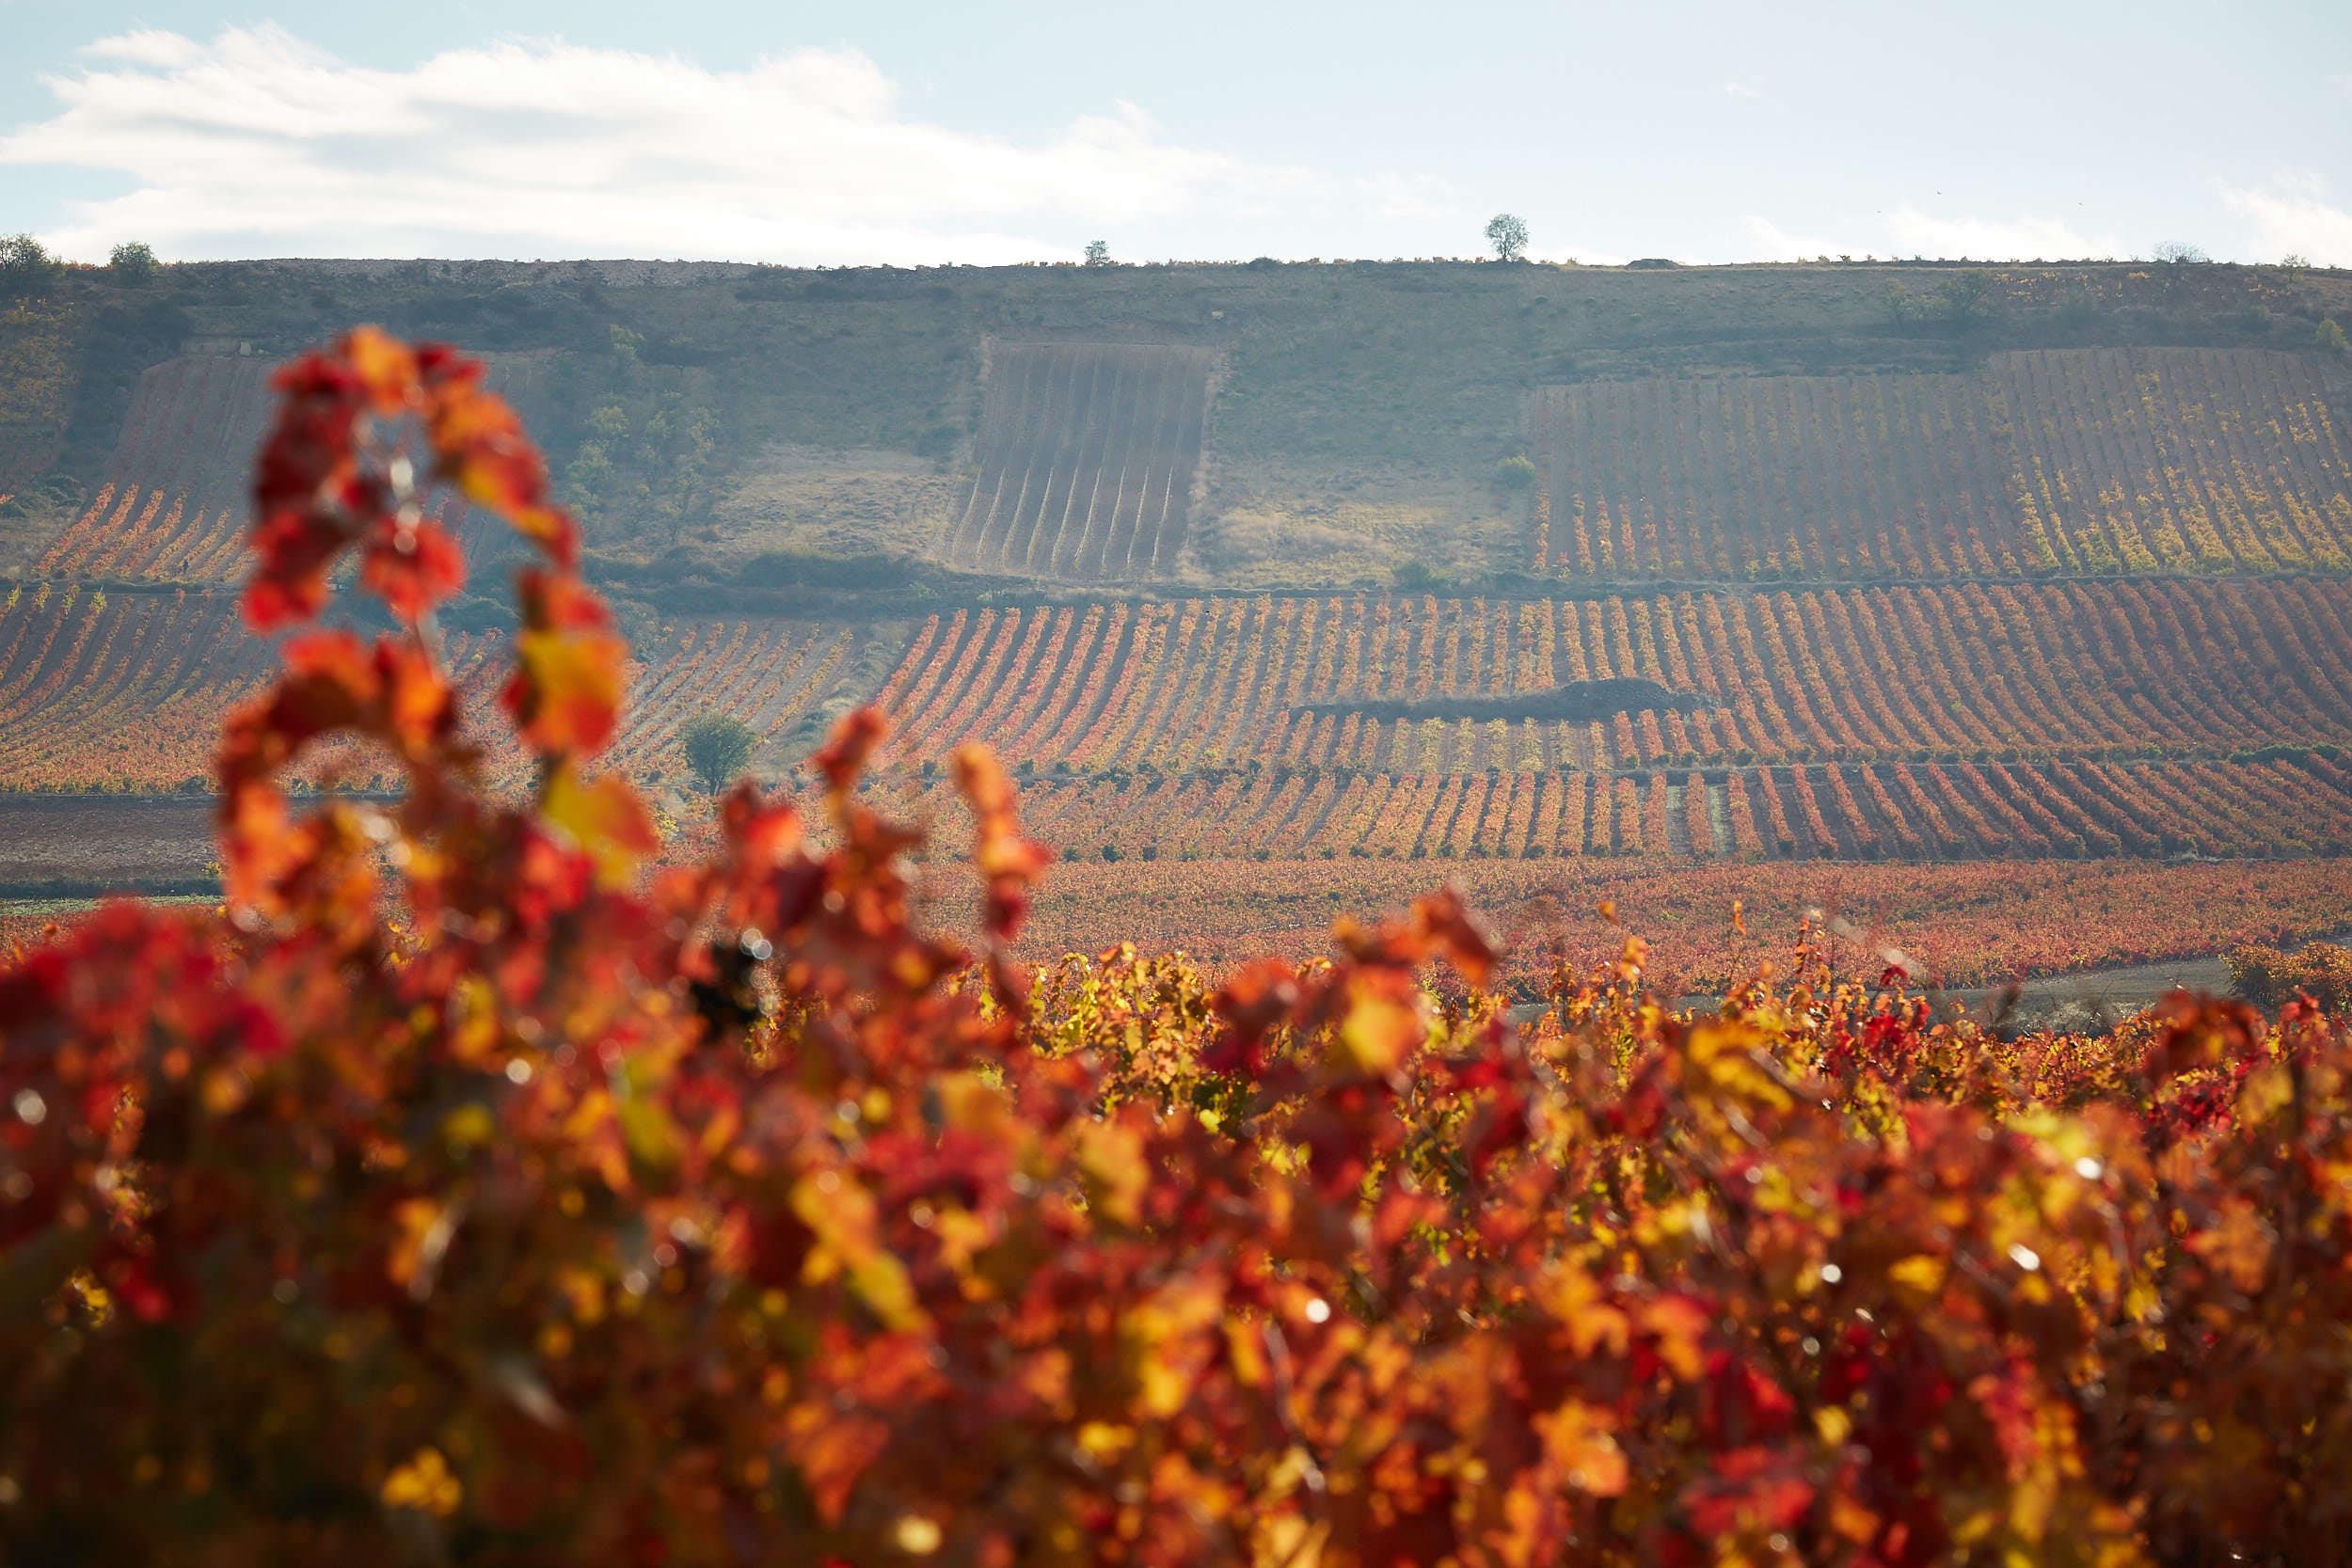 11/11/16 Vinedos de Montecillo cerca de Cenicero, La Rioja, España. Foto de James Sturcke | www.sturcke.org